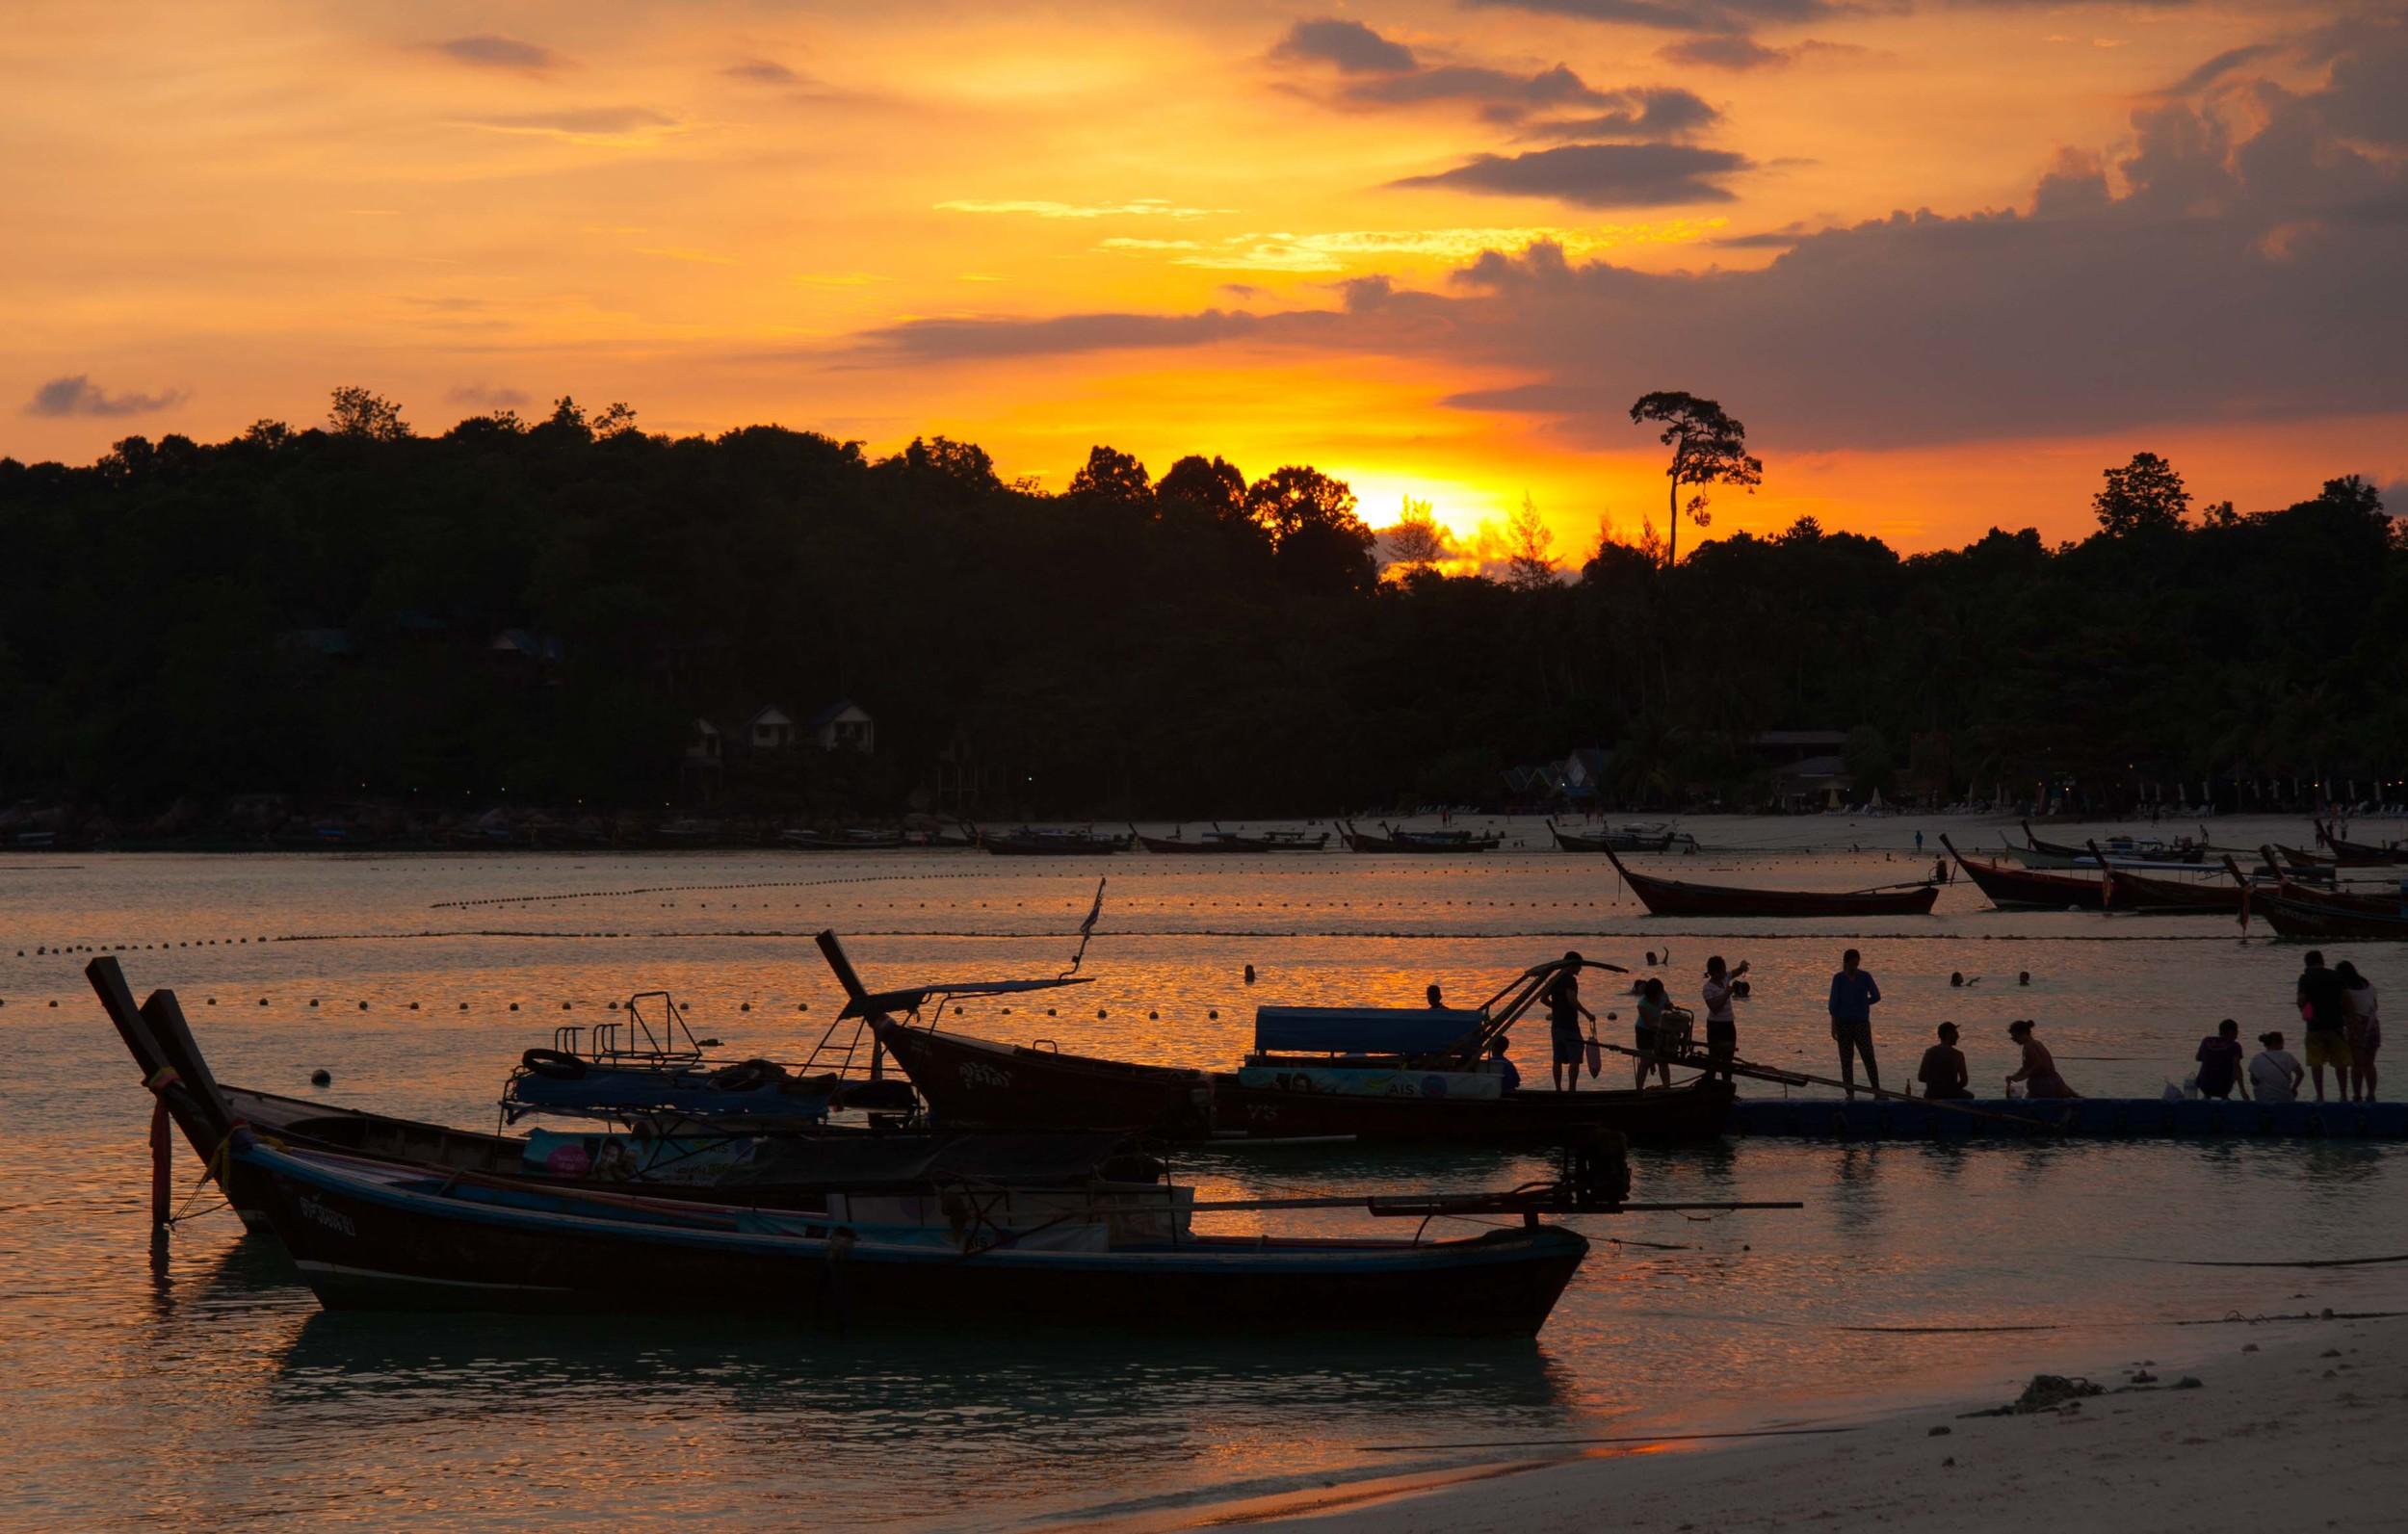 Sunset on Koh Lipe, Thailand